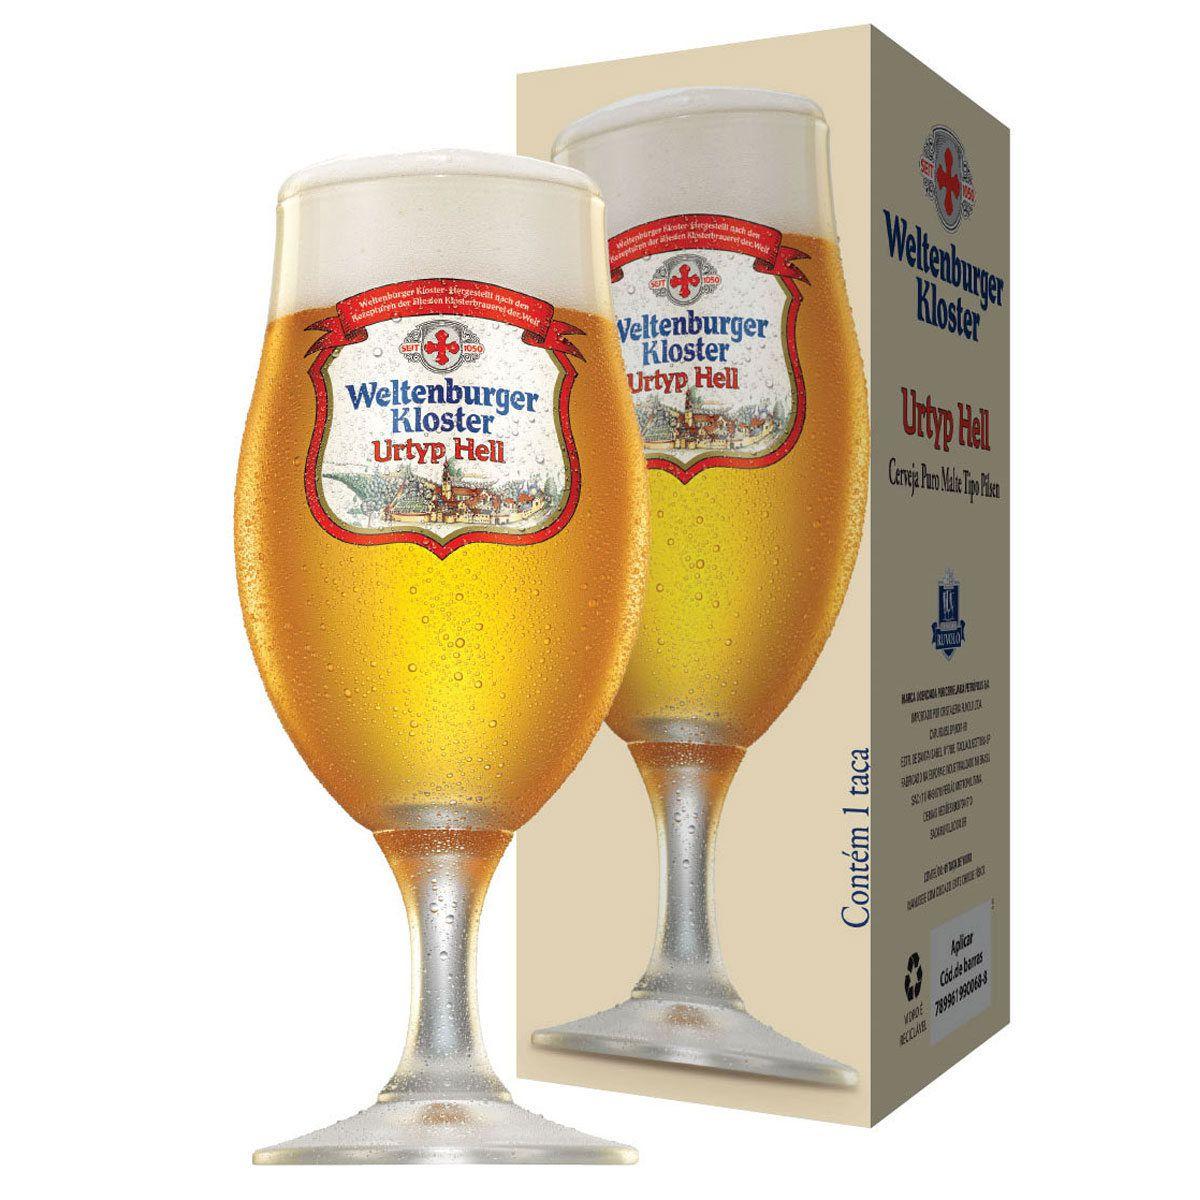 Taça de Cerveja Cristal Weltenburger Urtyp Hell 300ml